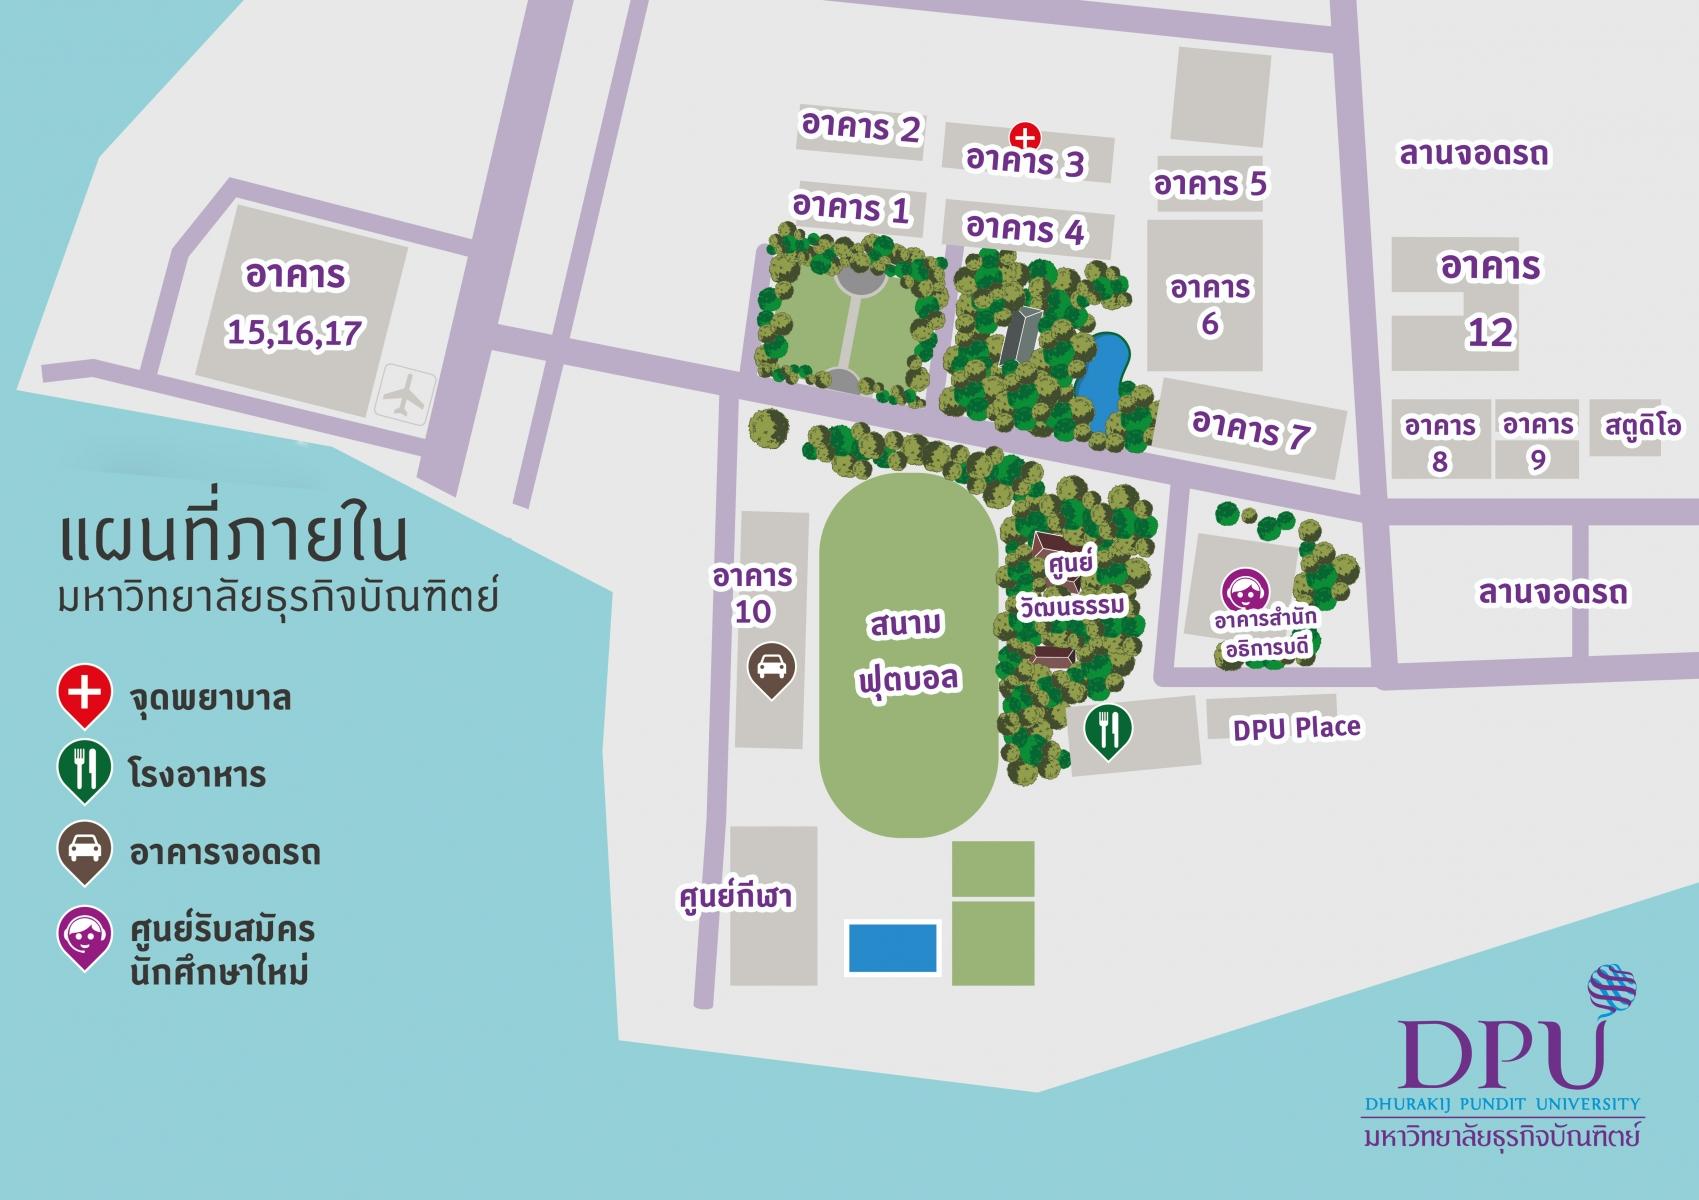 dpu map